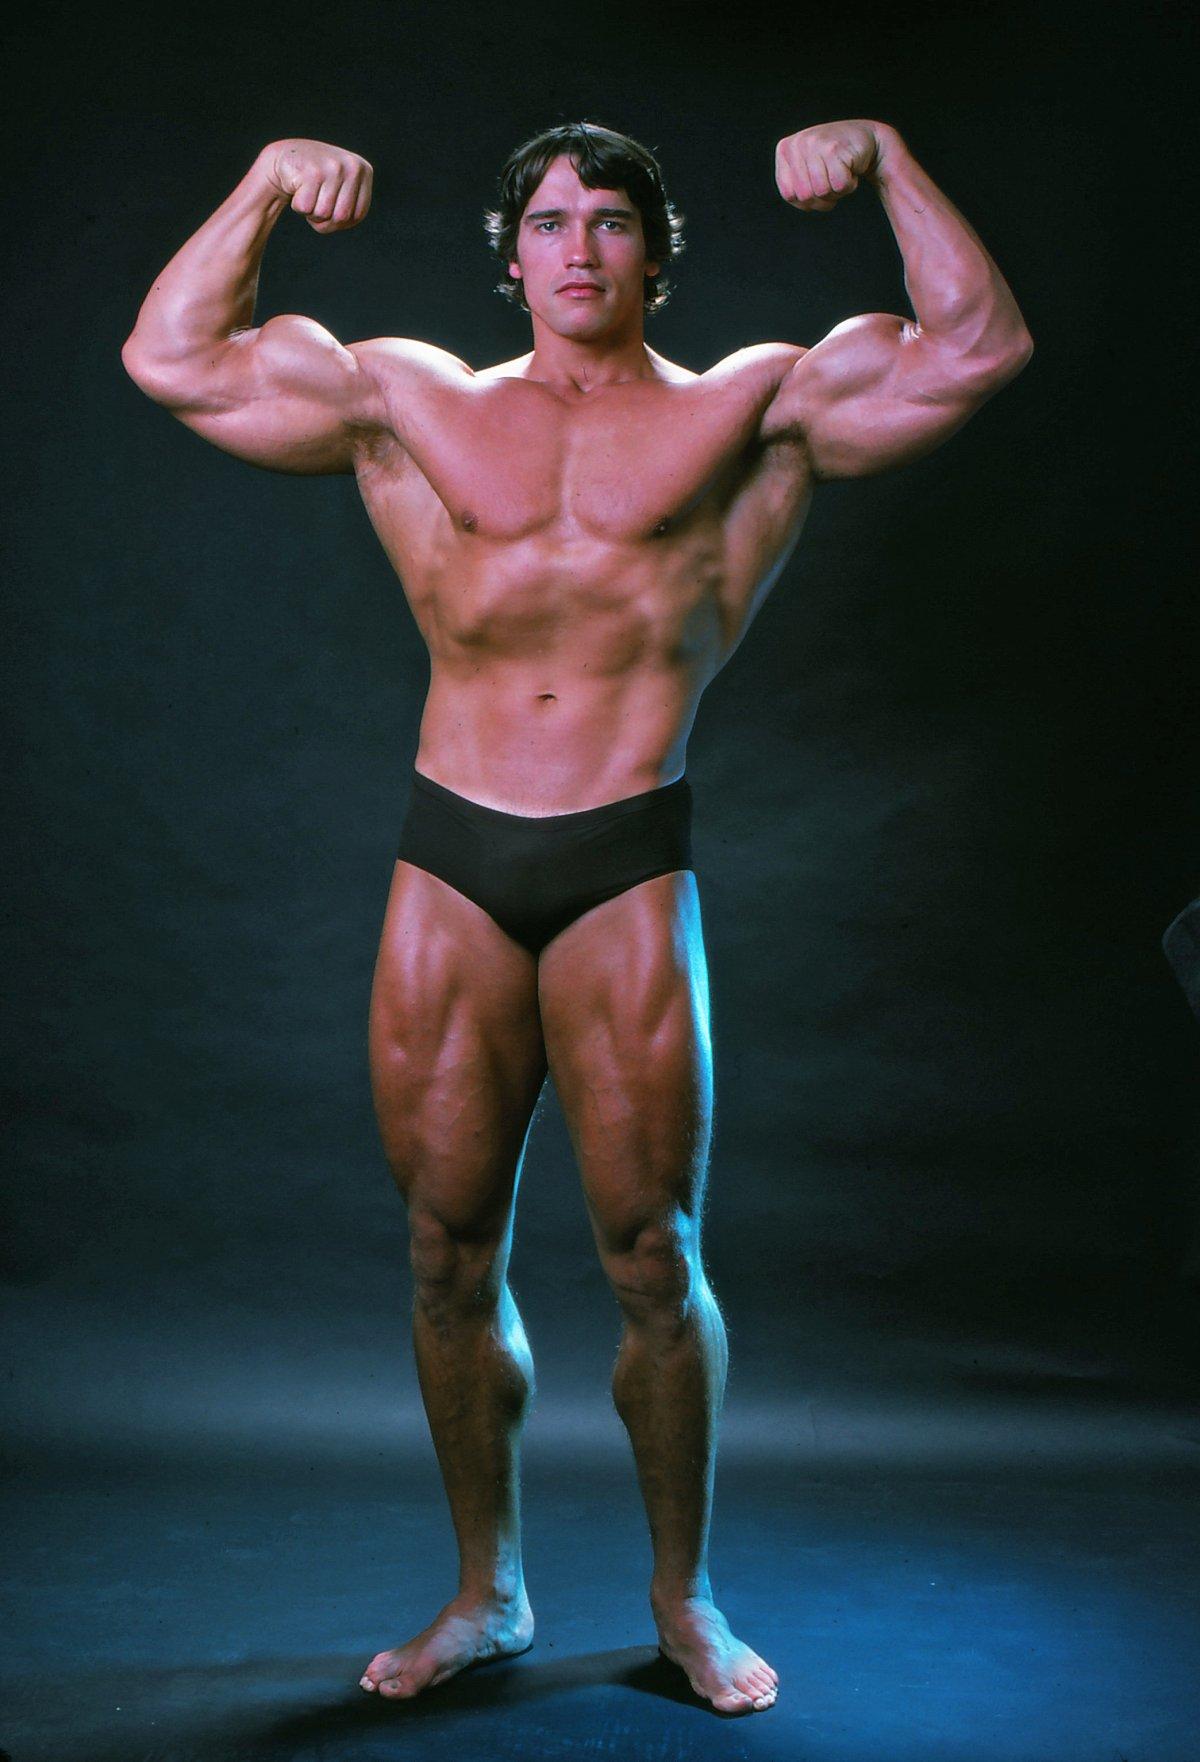 Mint például Arnold Schwarzenegger, aki nagyon jól szemlélteti az akkori kor 'tökéletes' férfiját.